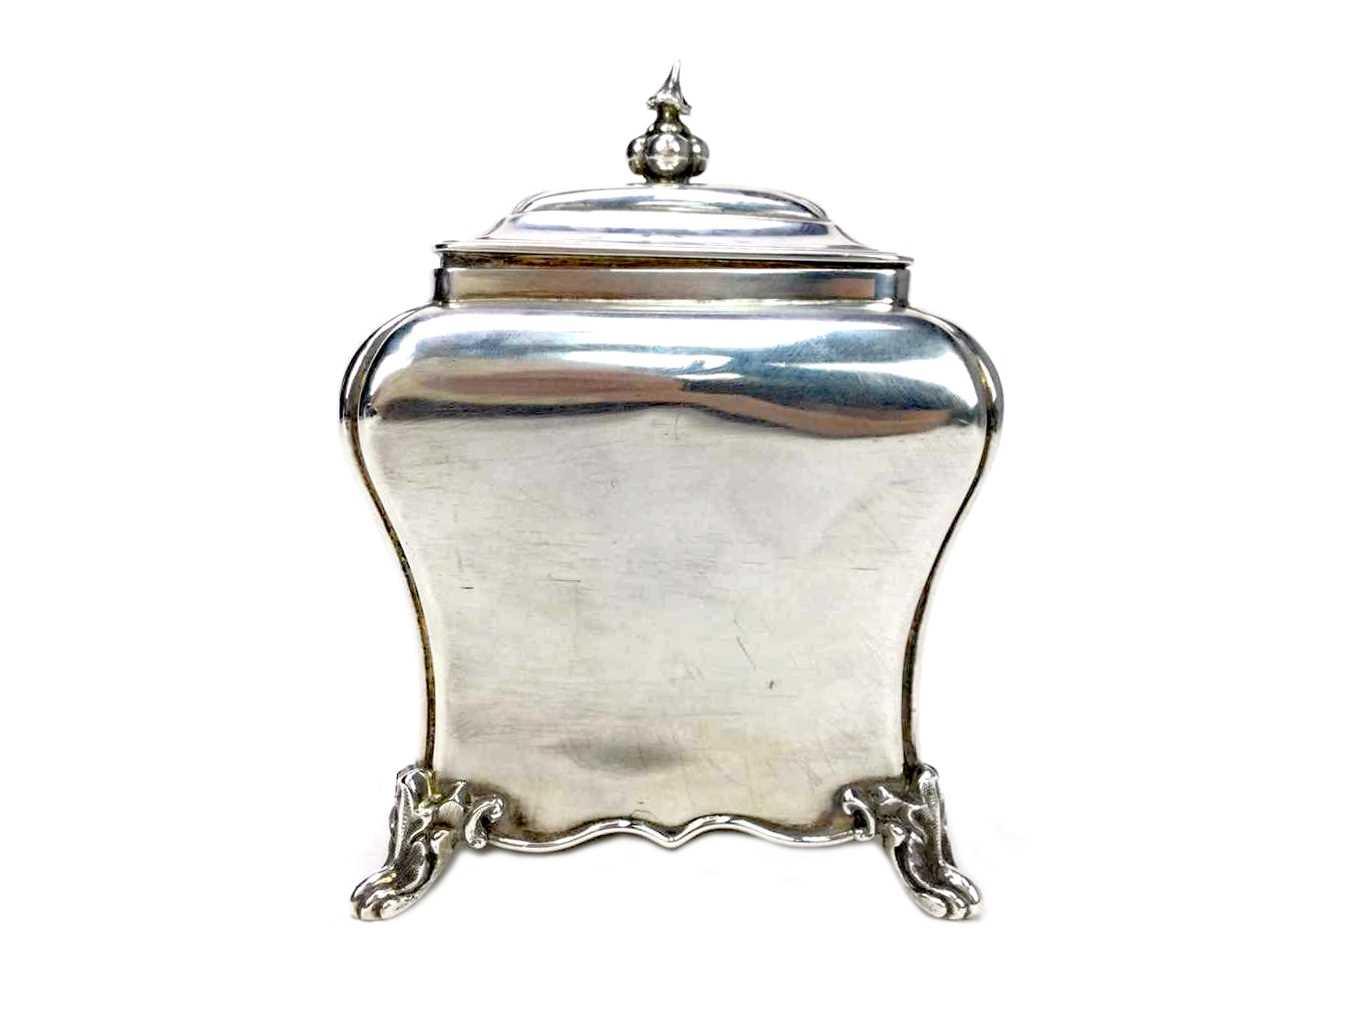 Lot 890 - A VICTORIAN TEA CADDY